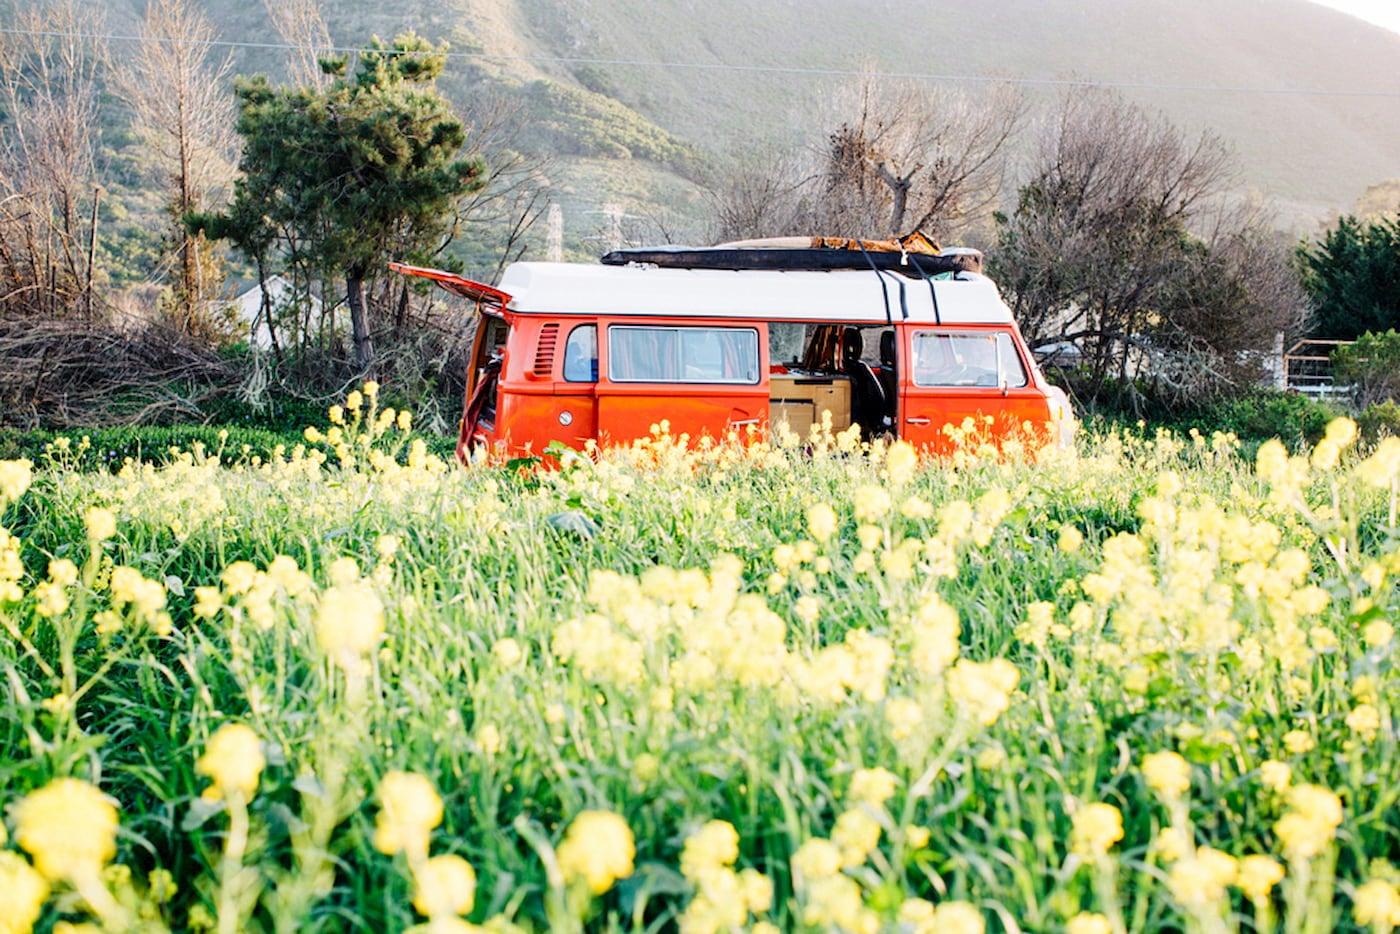 Orange camper van in a field of wildflowers.